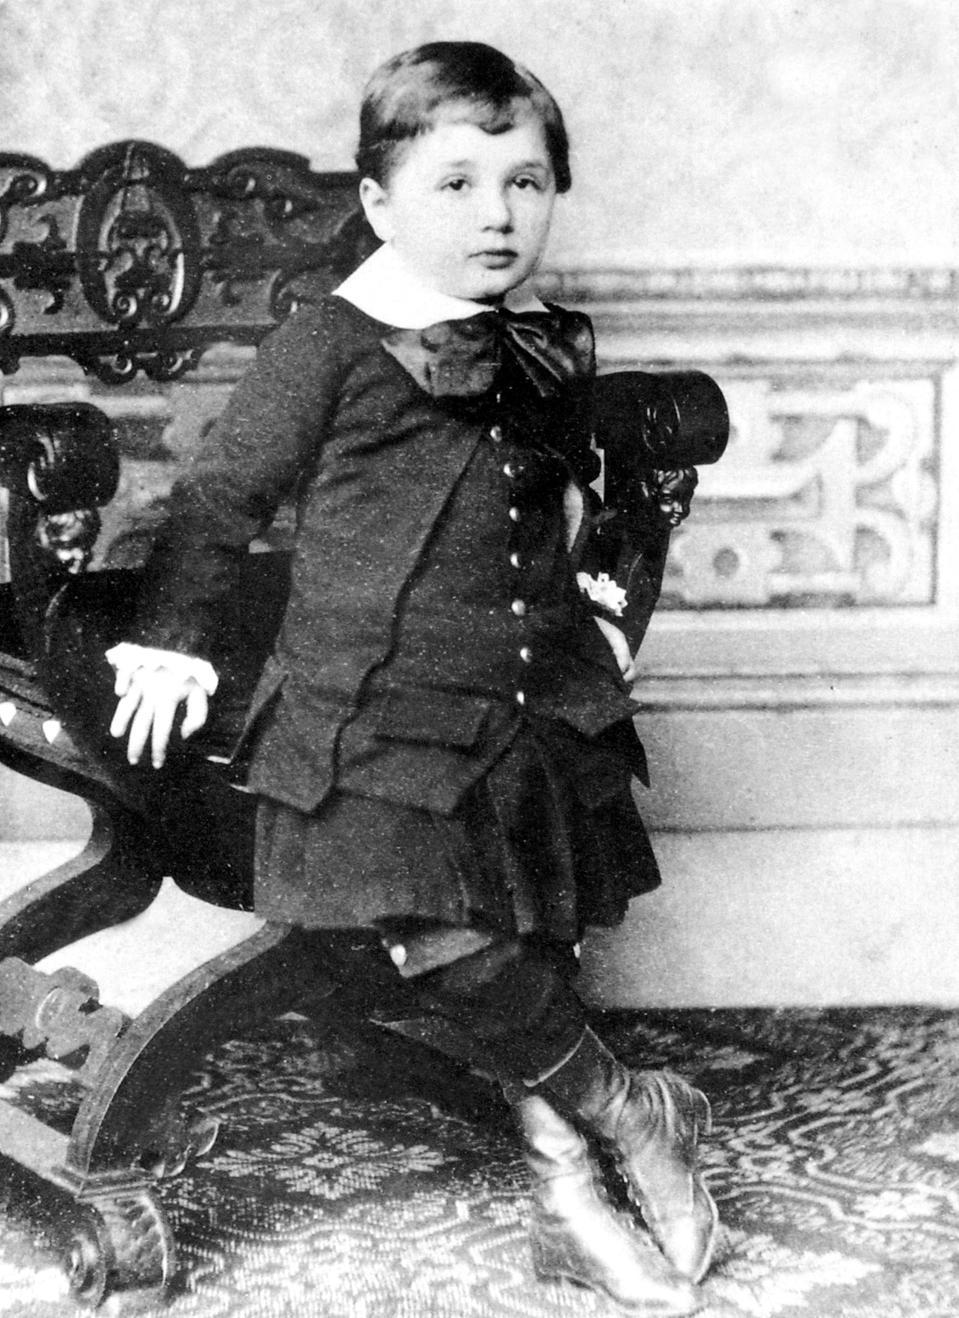 Albert Einstein (1879-1955) at 3, 1882